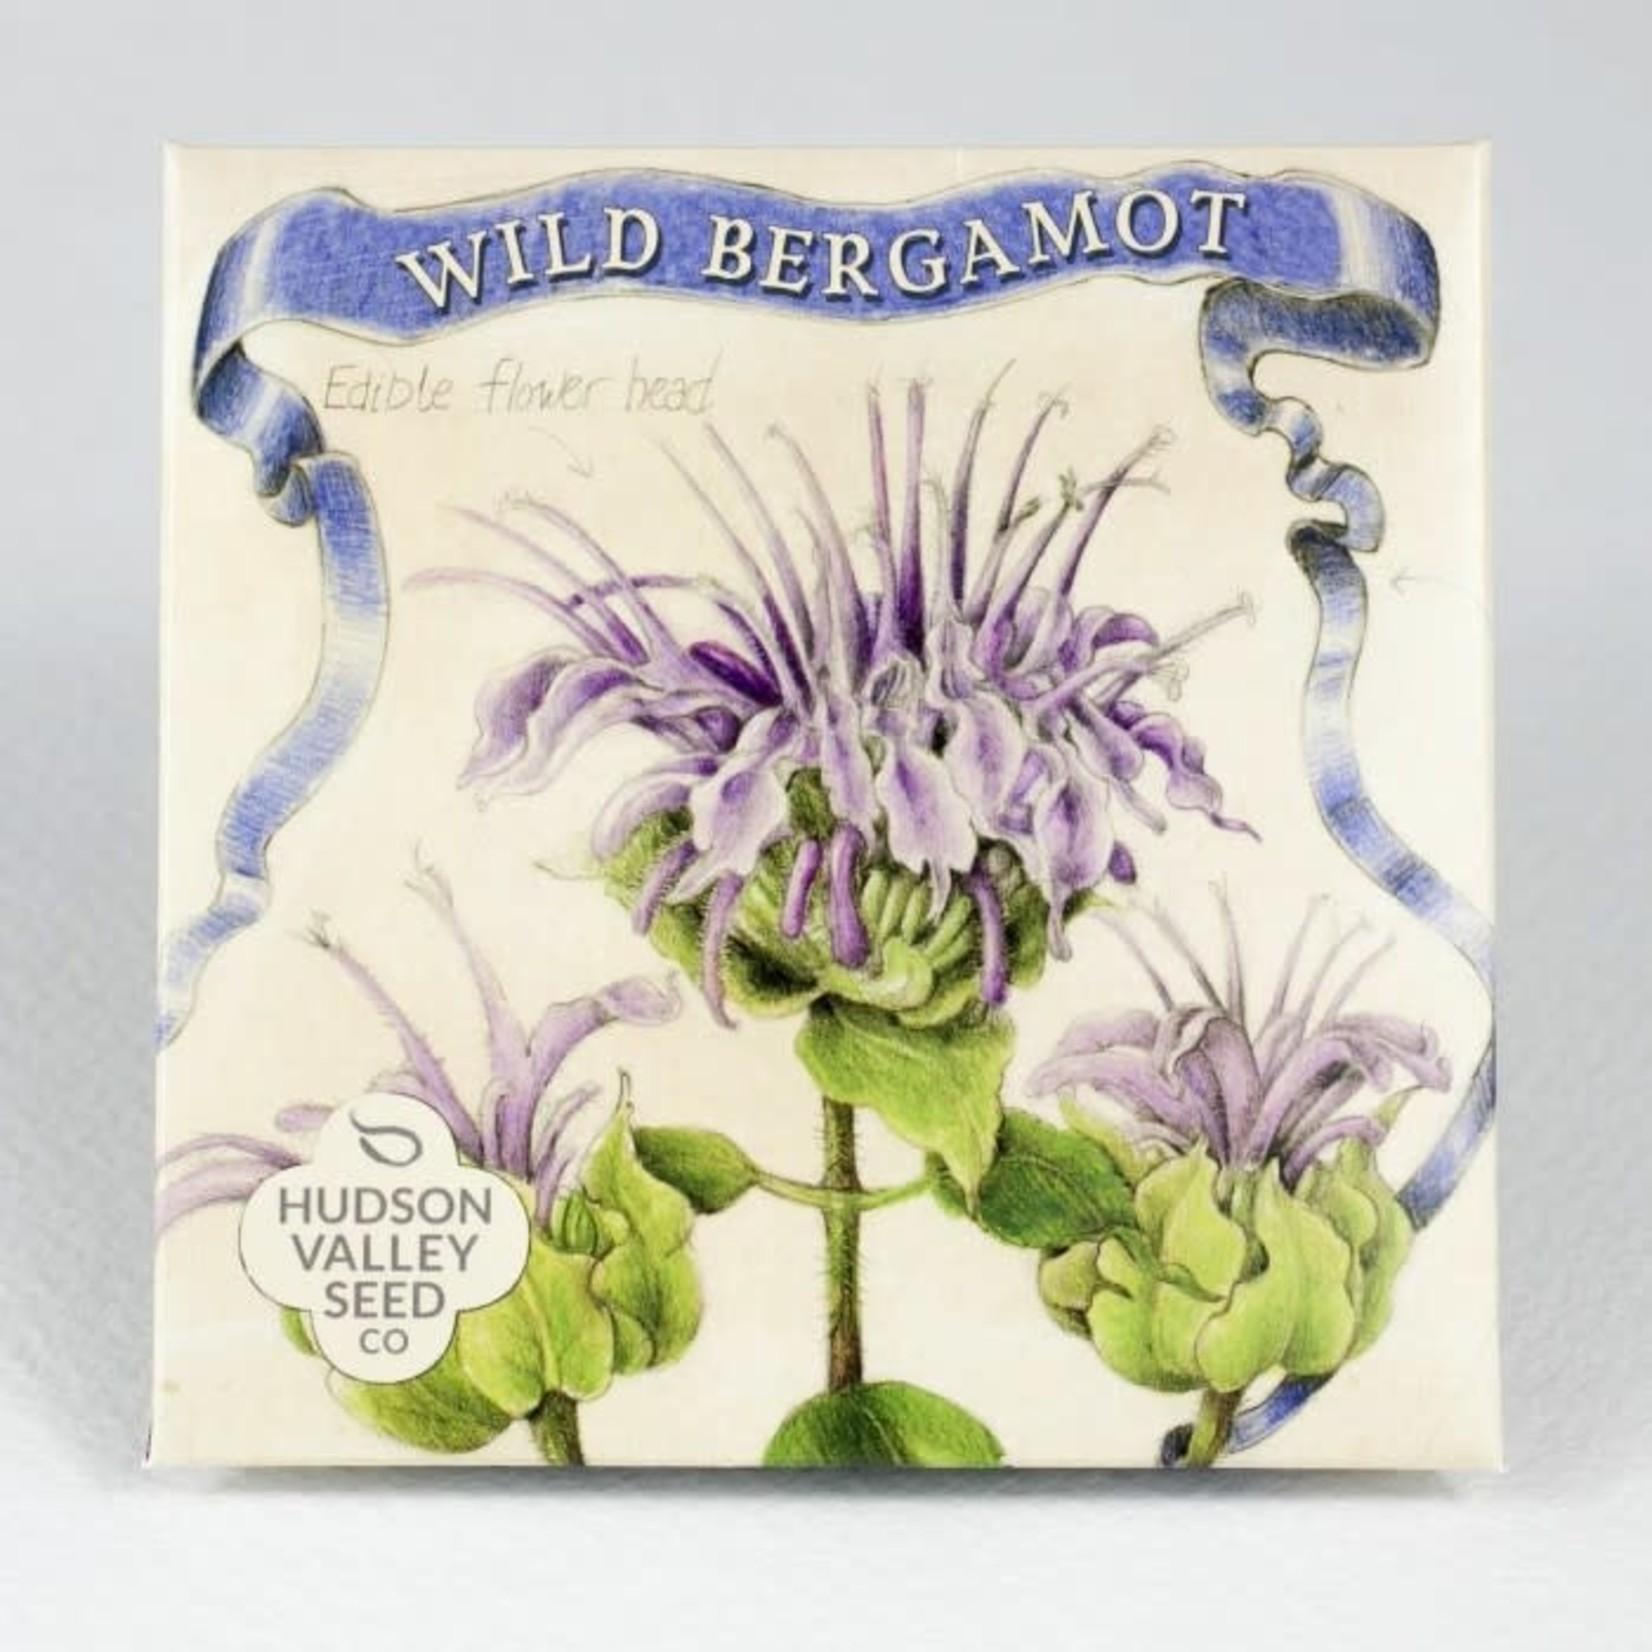 Hudson Valley Seeds Wild Bergamont Seeds